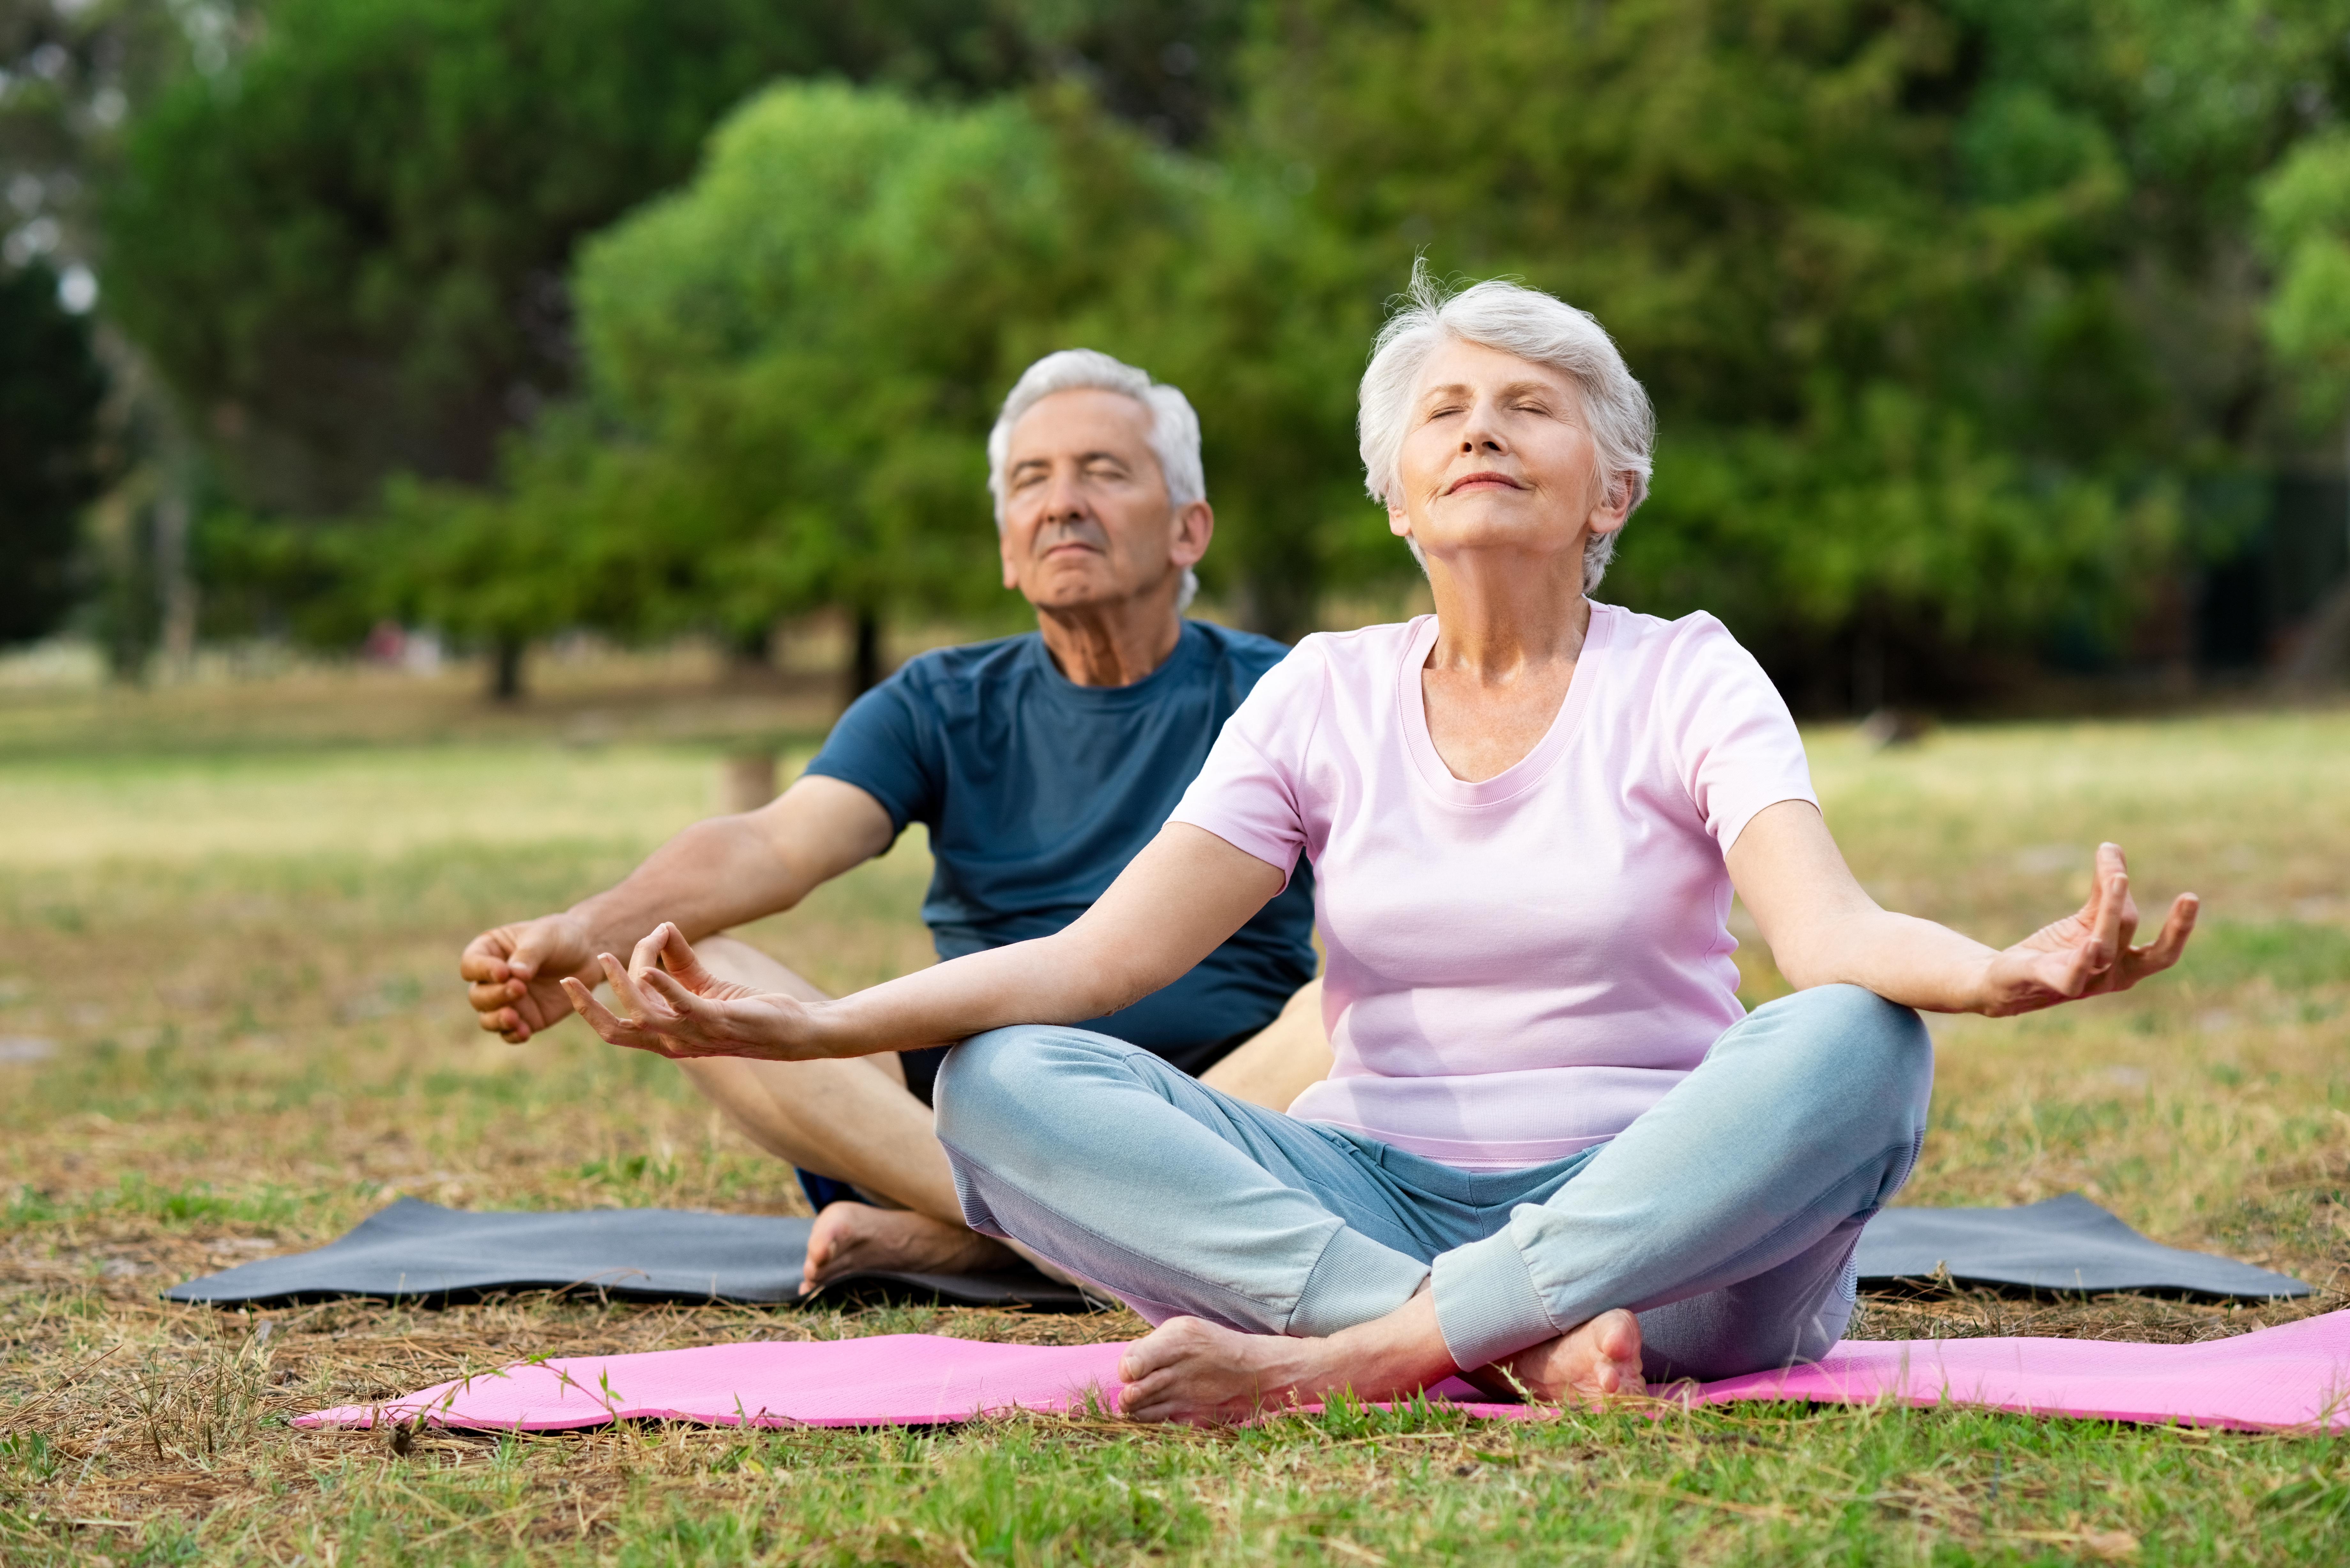 2 effets contraires de la pandémie COVID-19 sur la santé mentale des plus âgés : les plus fragiles ont souffert d'anxiété, les plus positives ont accru leur résilience (Visuel Adobe Stock 224846734)